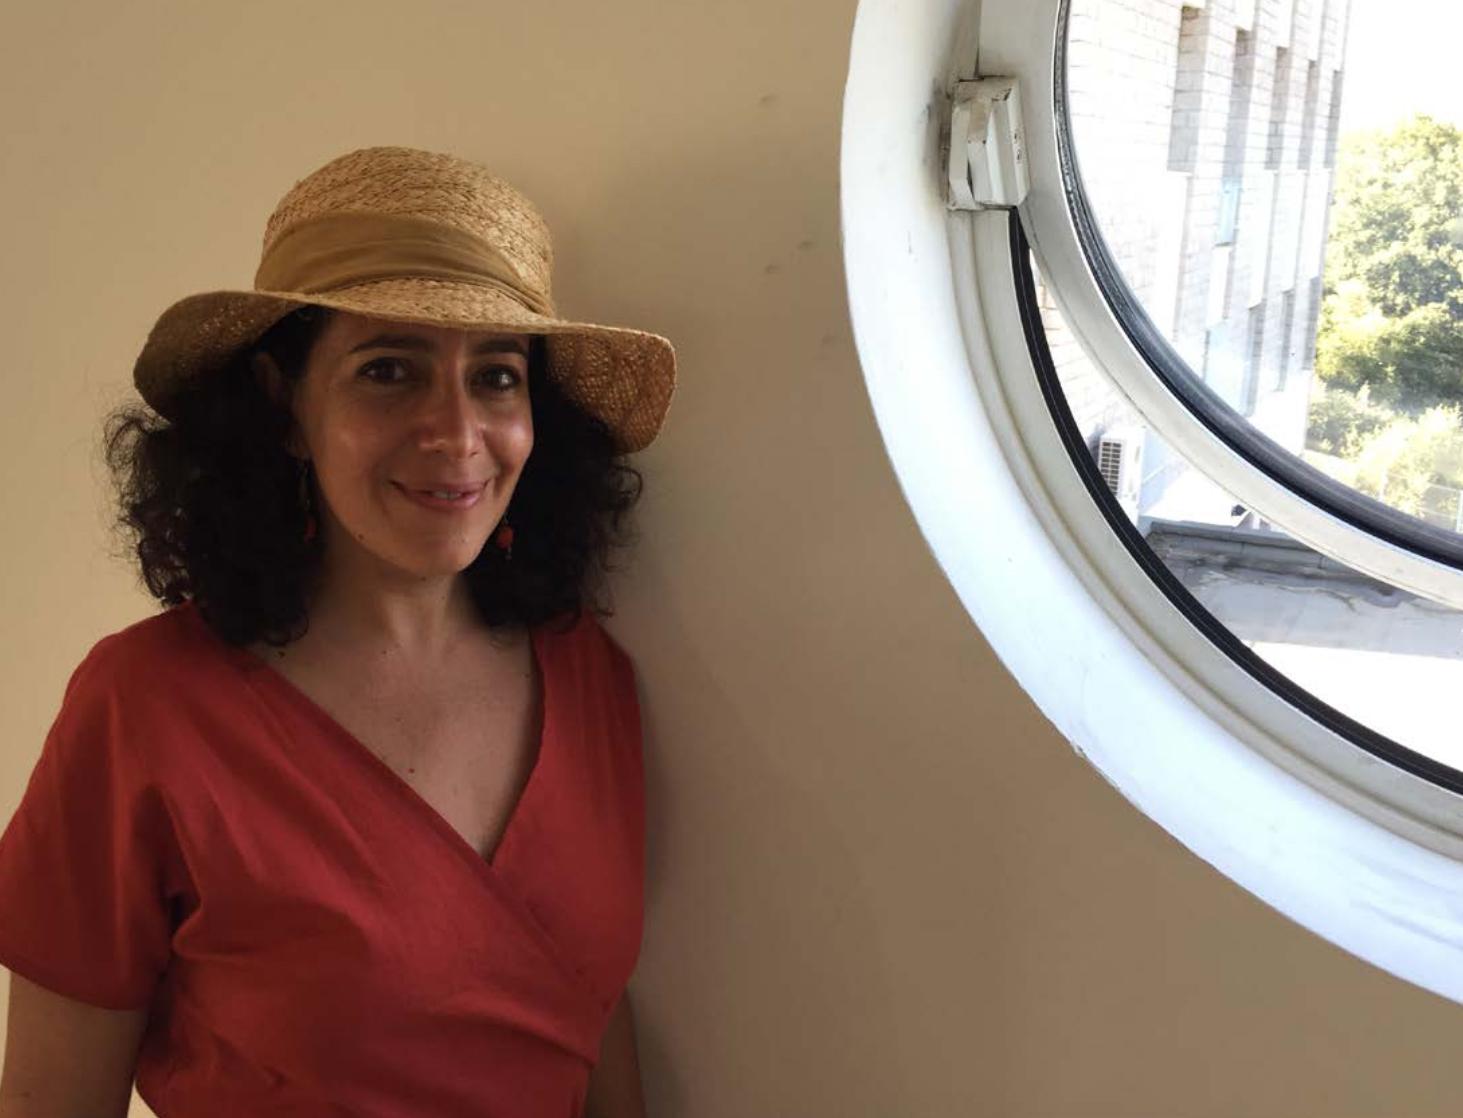 """Leyla Bouzid, une cinéaste heureuse de présenter """"Une histoire d'amour et de désir"""" à Casa di Lume, après Cannes • DL"""